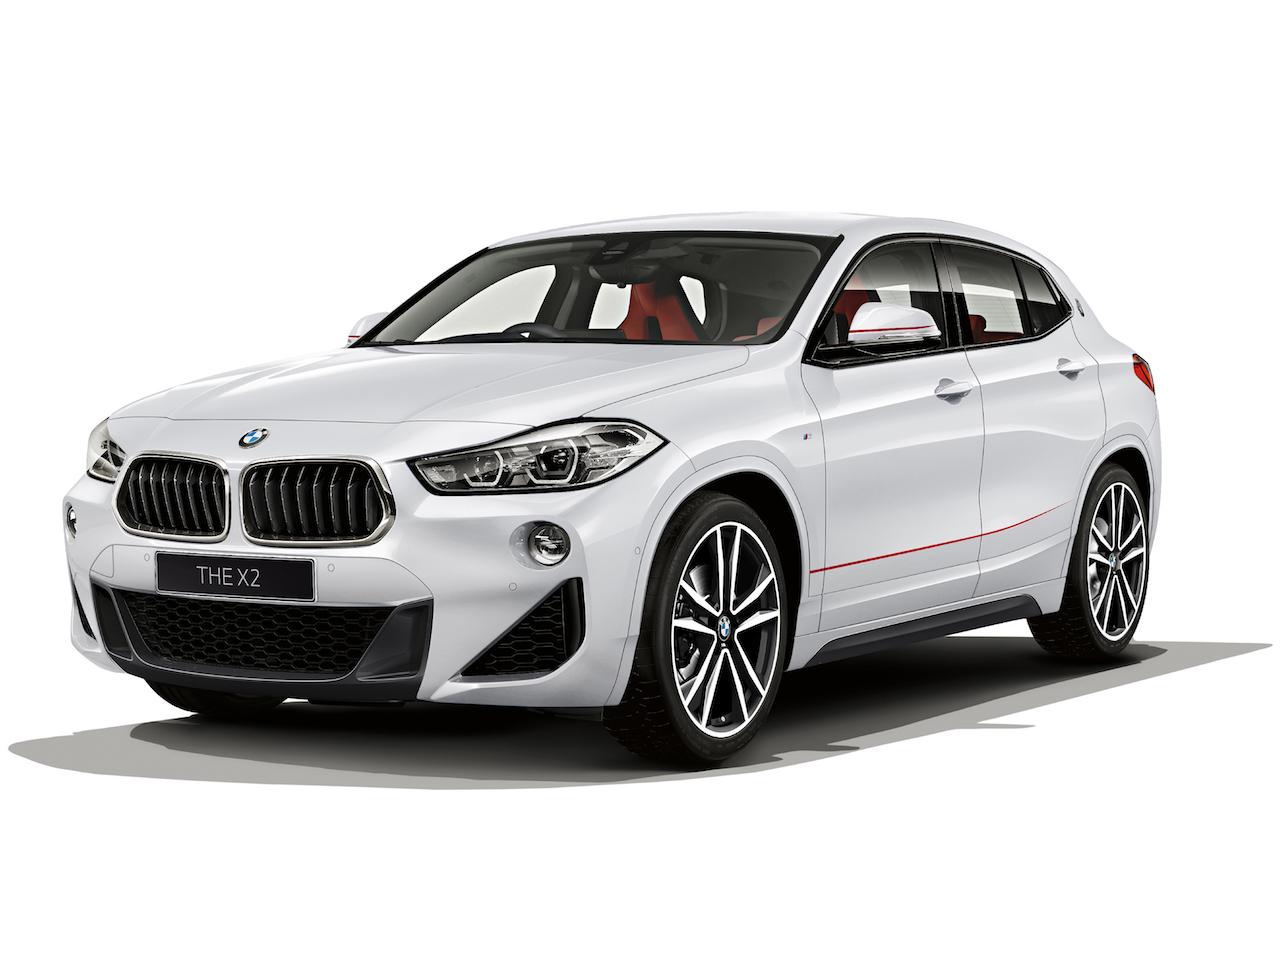 「BMW X2に2.0Lディーゼルエンジンを積んだ「xDrive 18d M Sport Edition Sunrise」を設定【新車】」の4枚目の画像